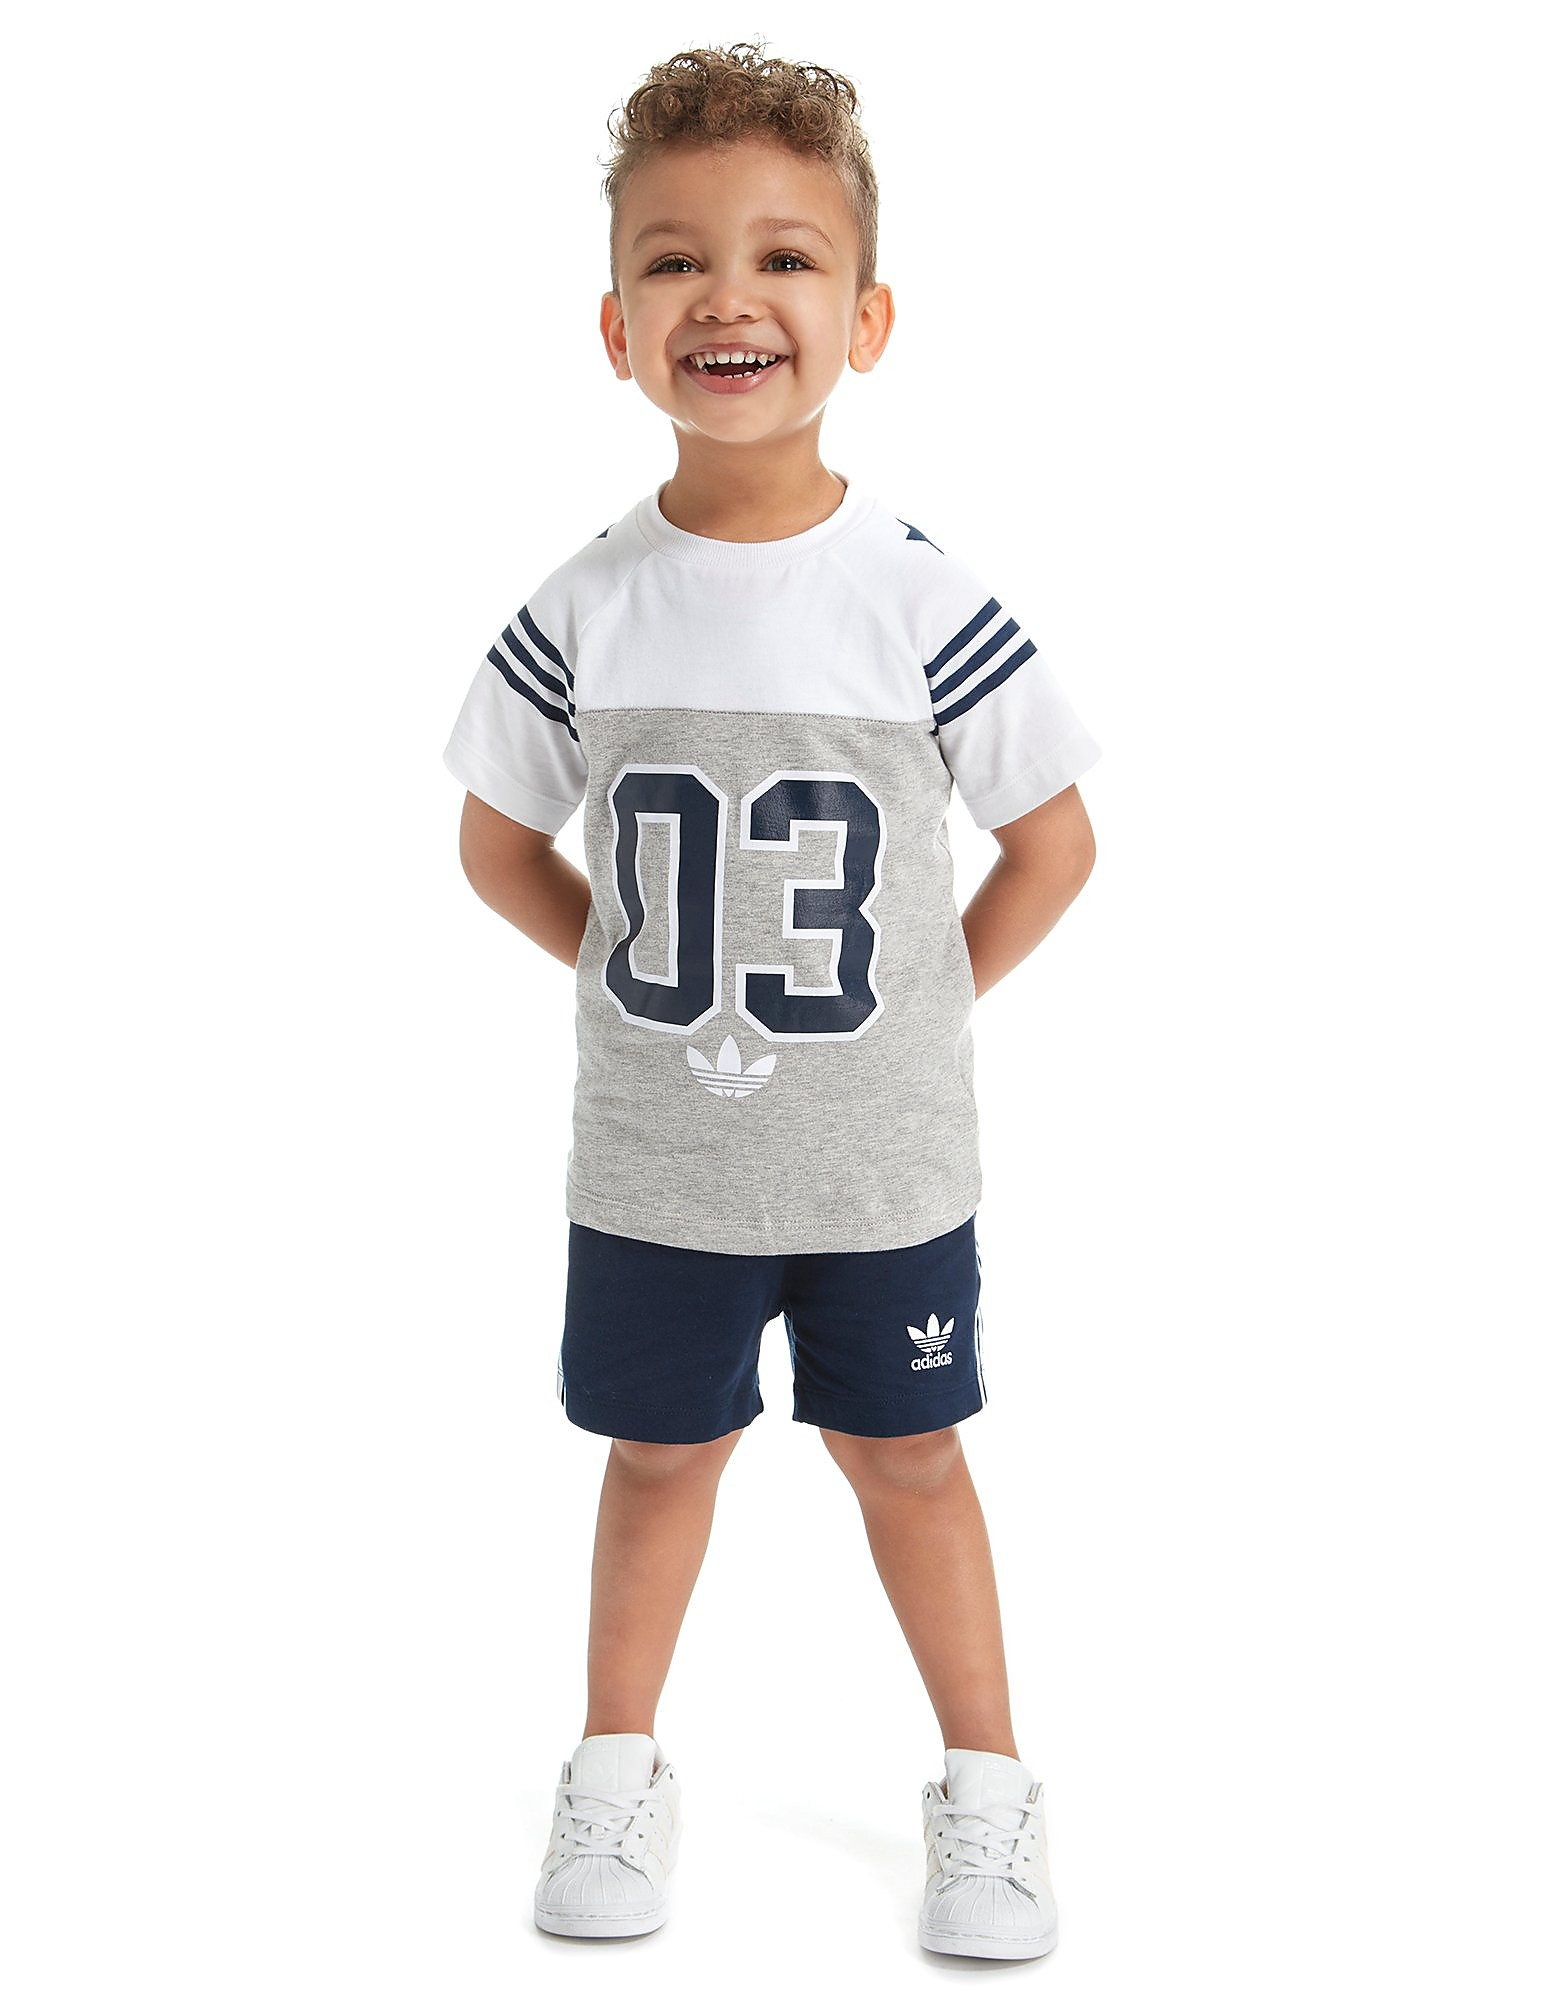 adidas Originals 03 T-Shirt And Short Set Infant